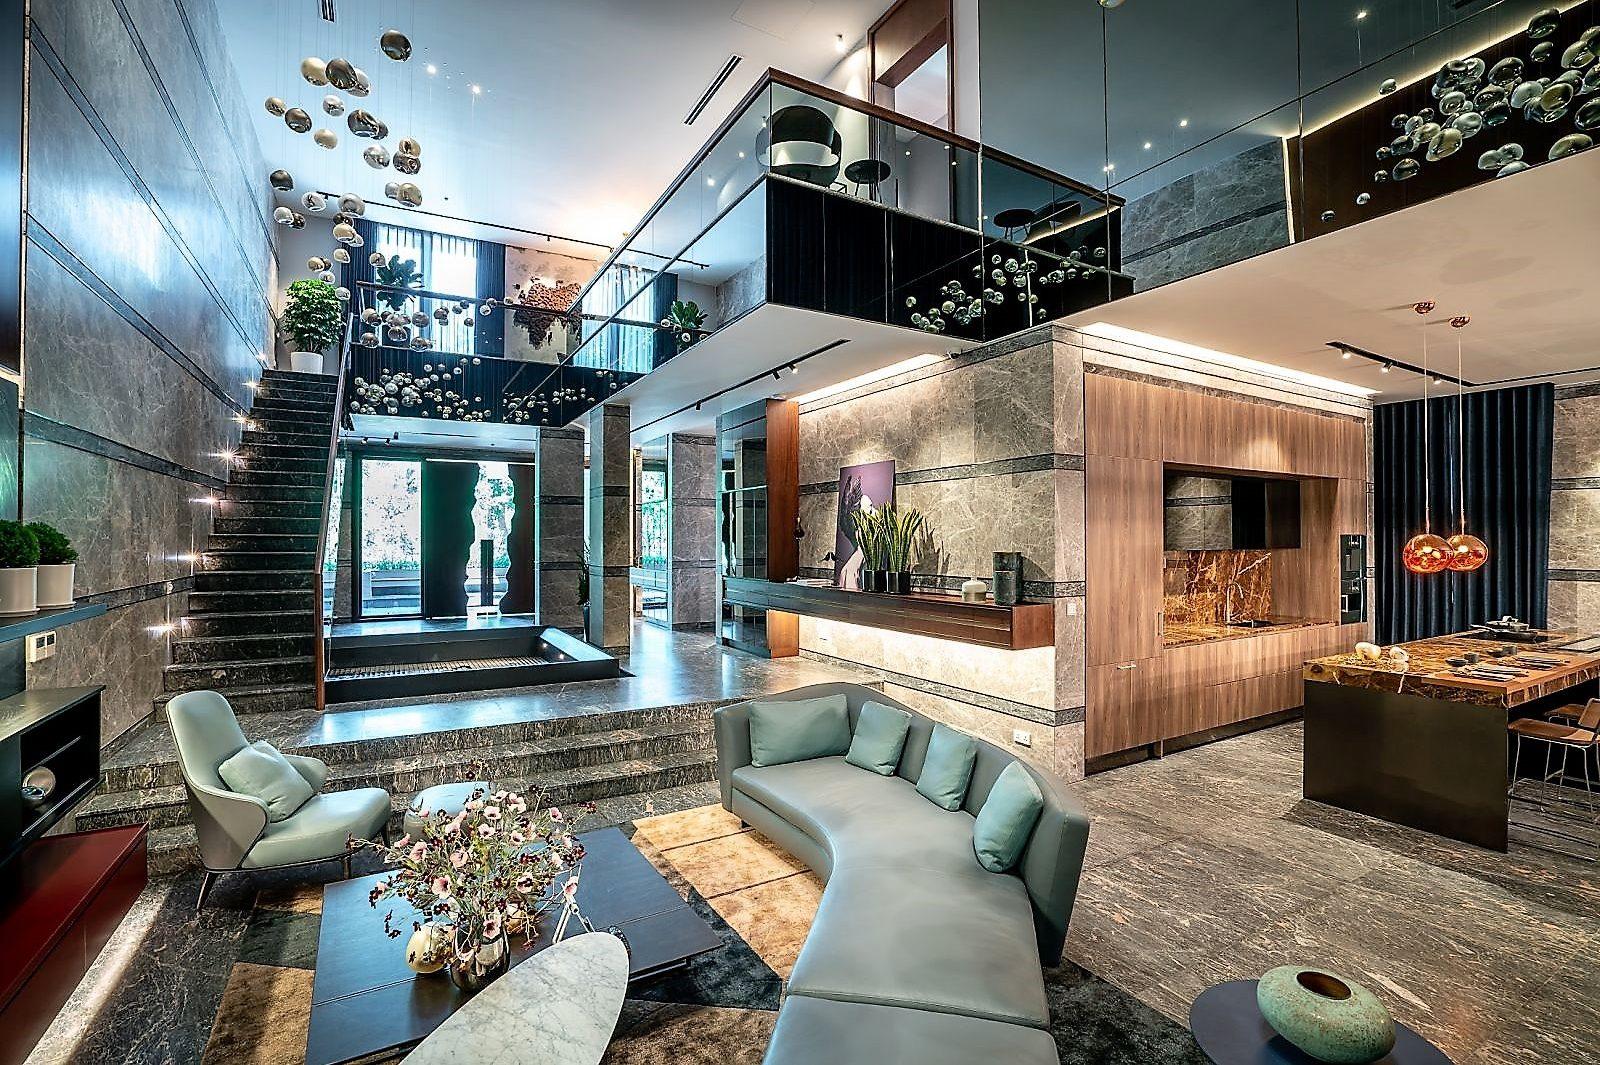 YC Interior Design & Consultants Company